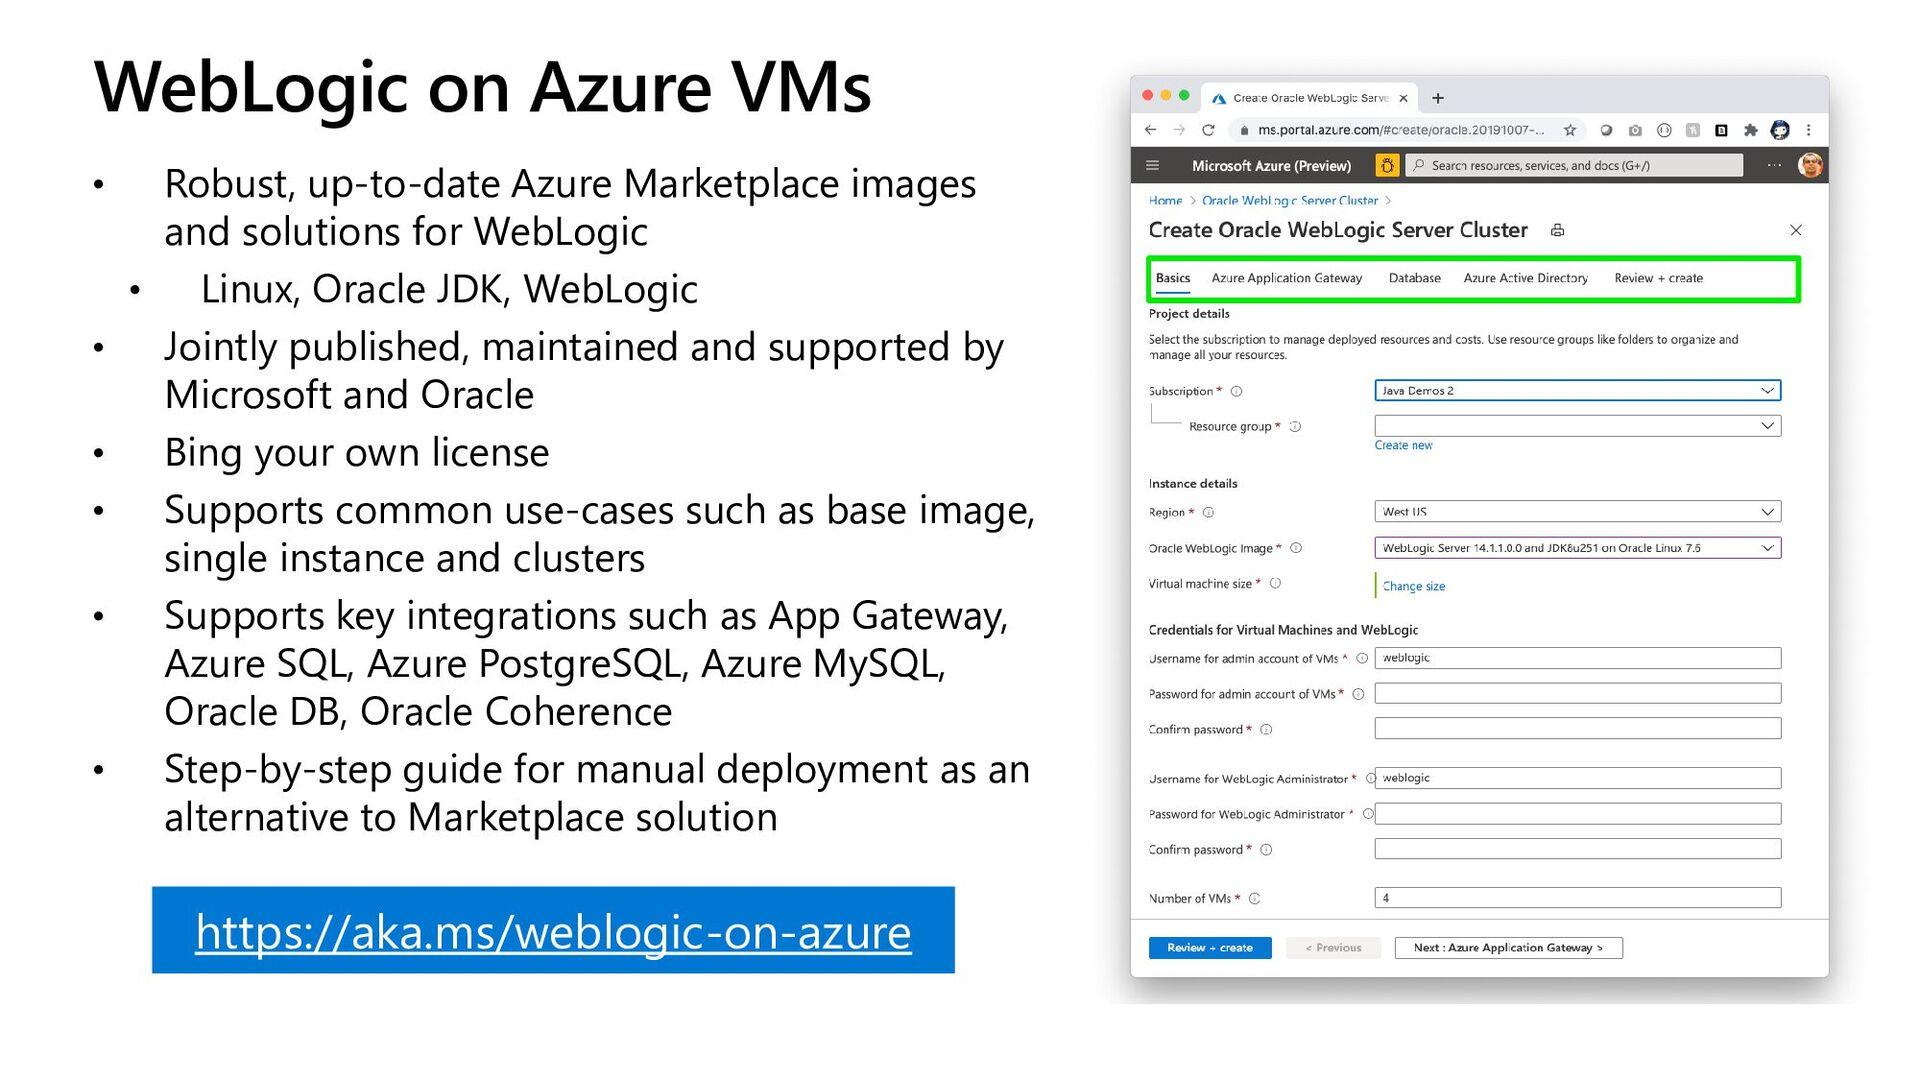 WebLogic on Azure • Robust, up-to-date Azure Ma...